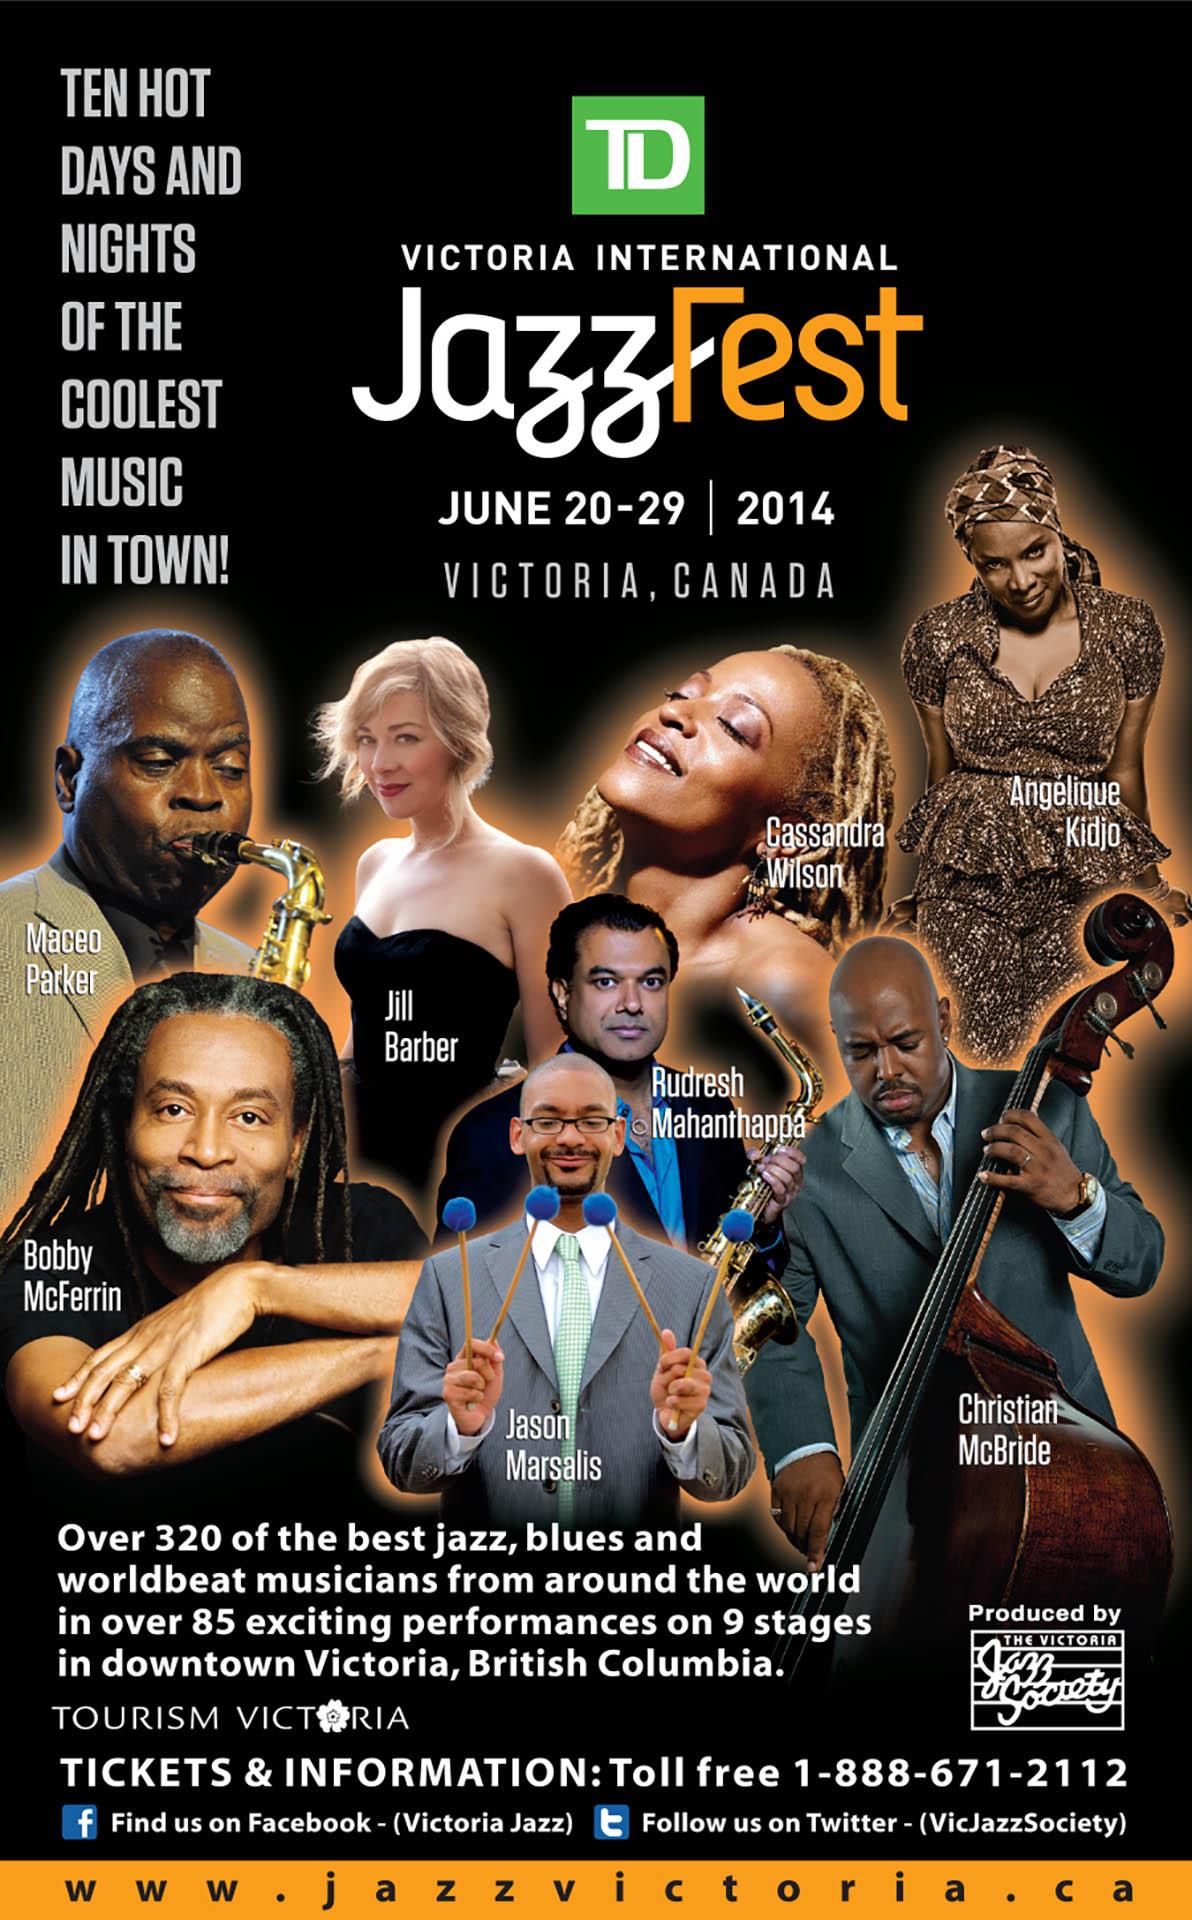 Victoria International Jazz Fest – 2014